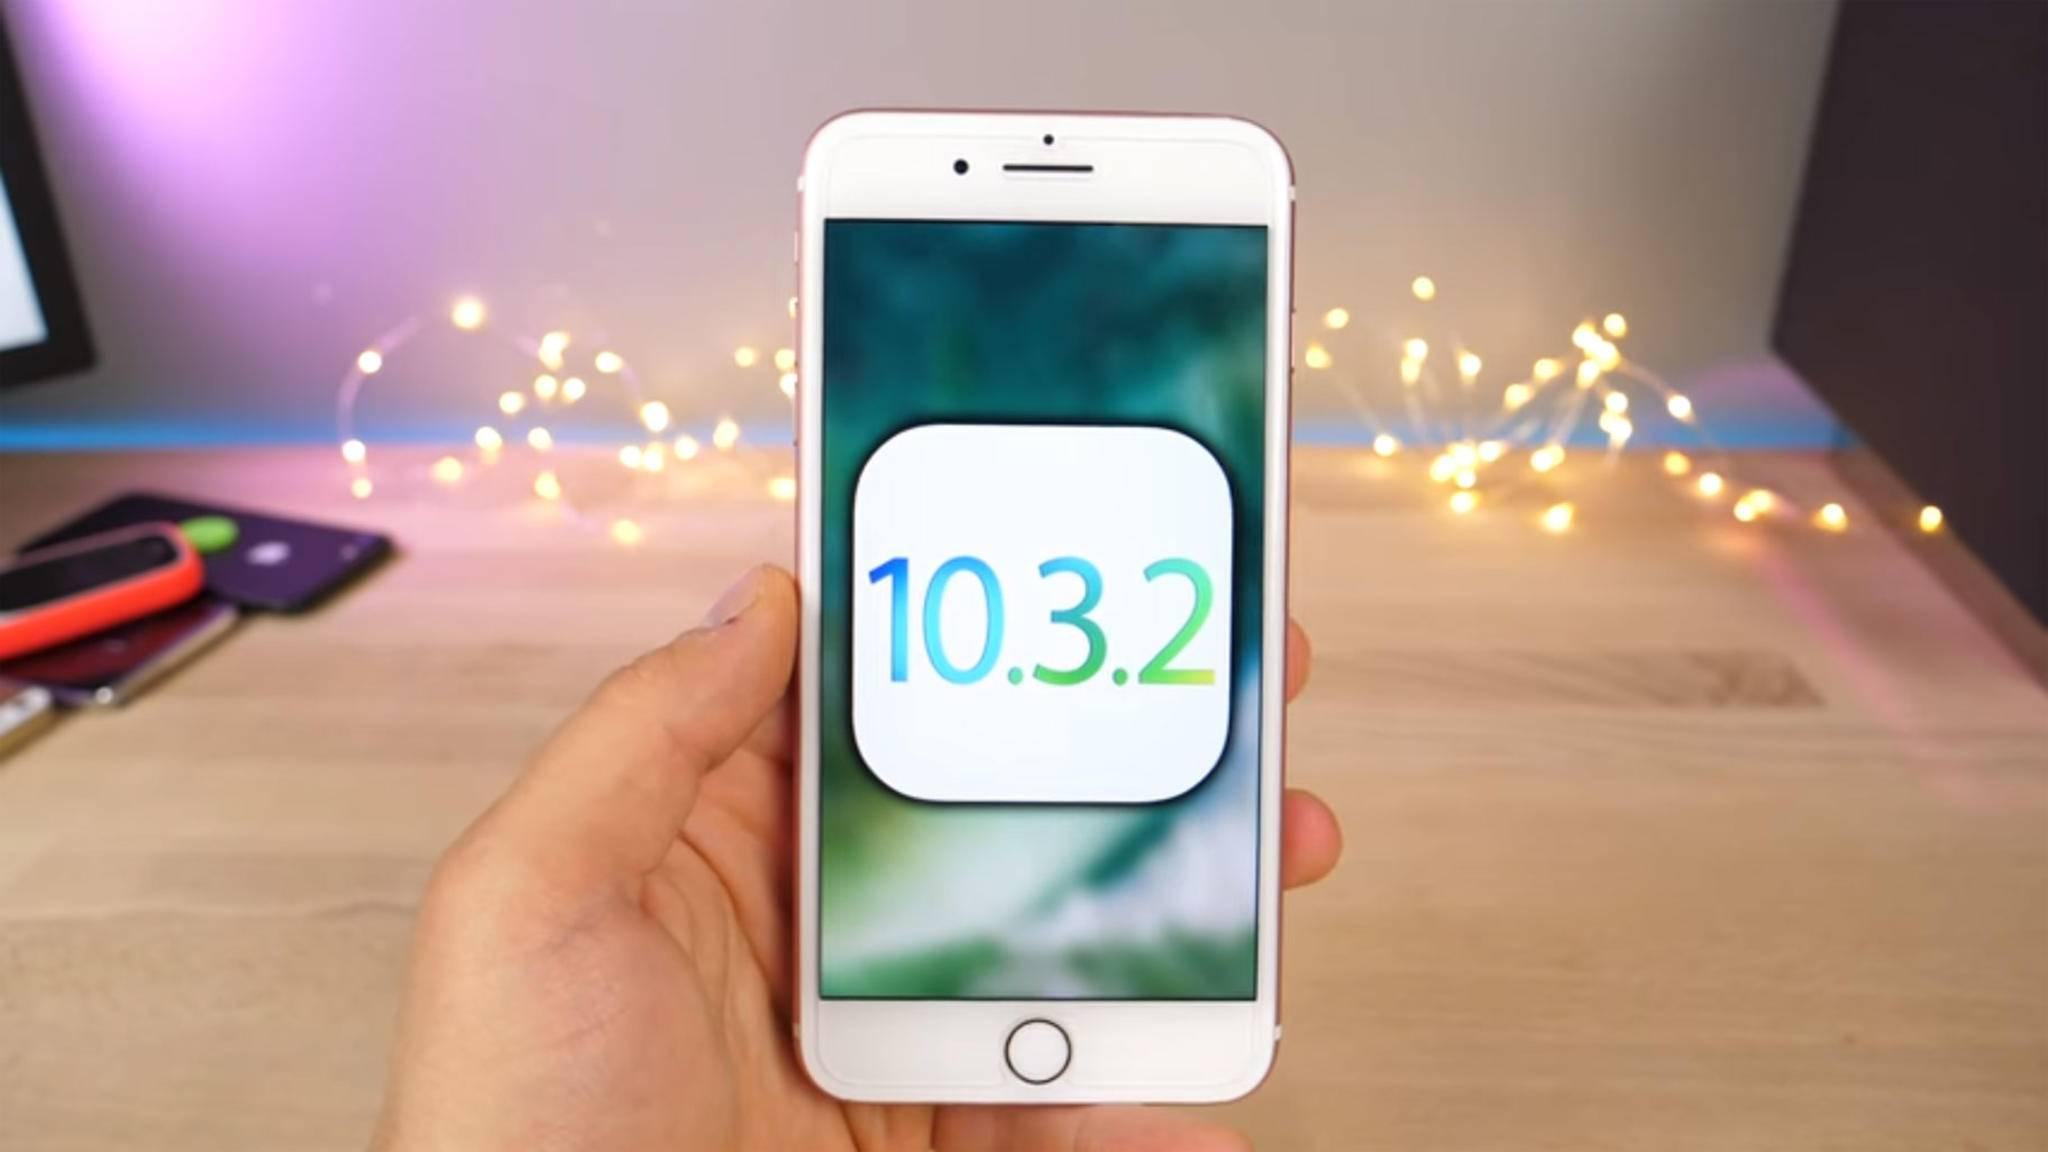 Nicht bei allen läuft iOS 10.3.2 rund: Einige Nutzer klagen über verminderte Akkulaufzeit.